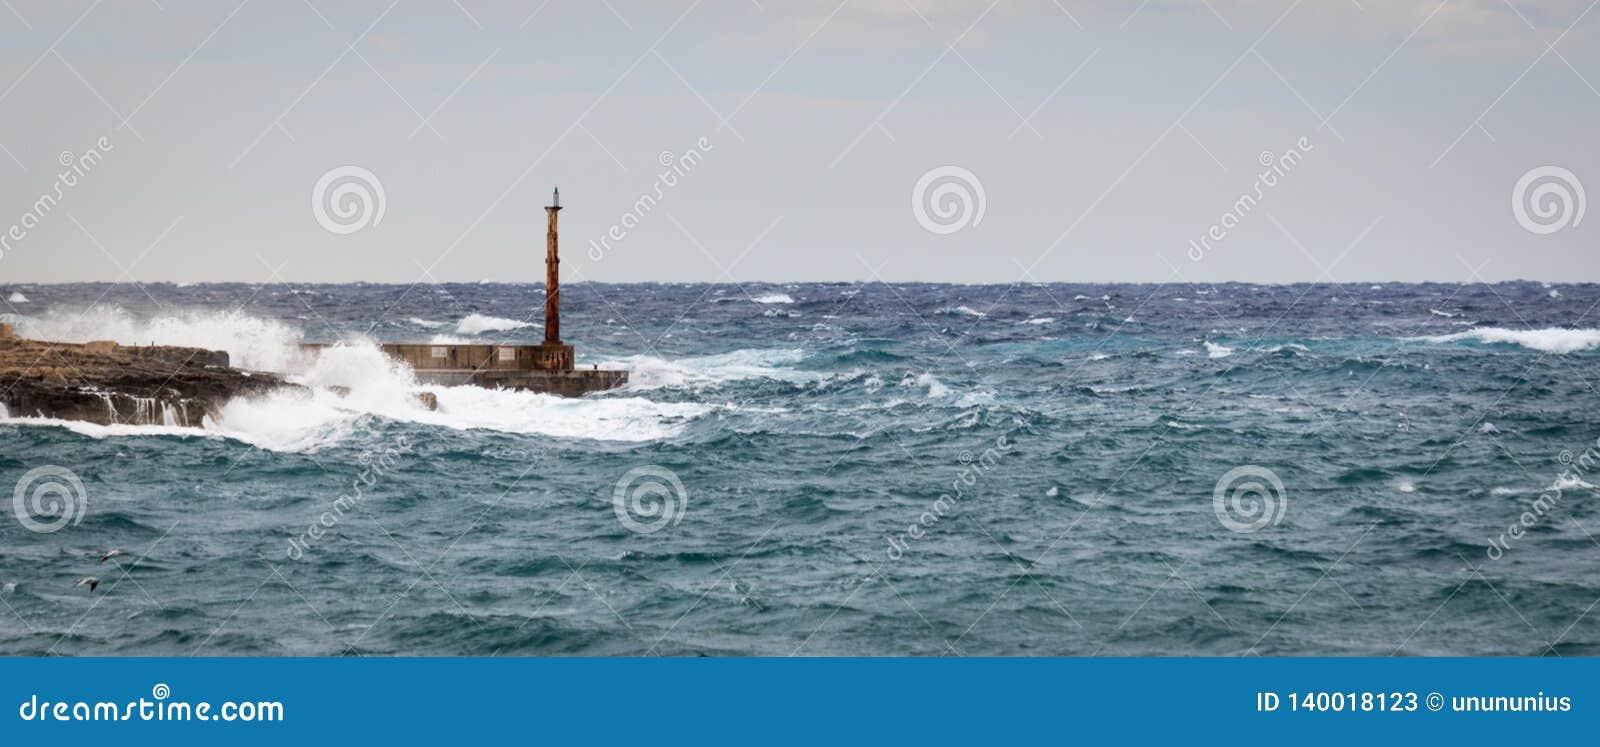 Башня, волнорез и маяк выдержать сырцовое море и высокие волны